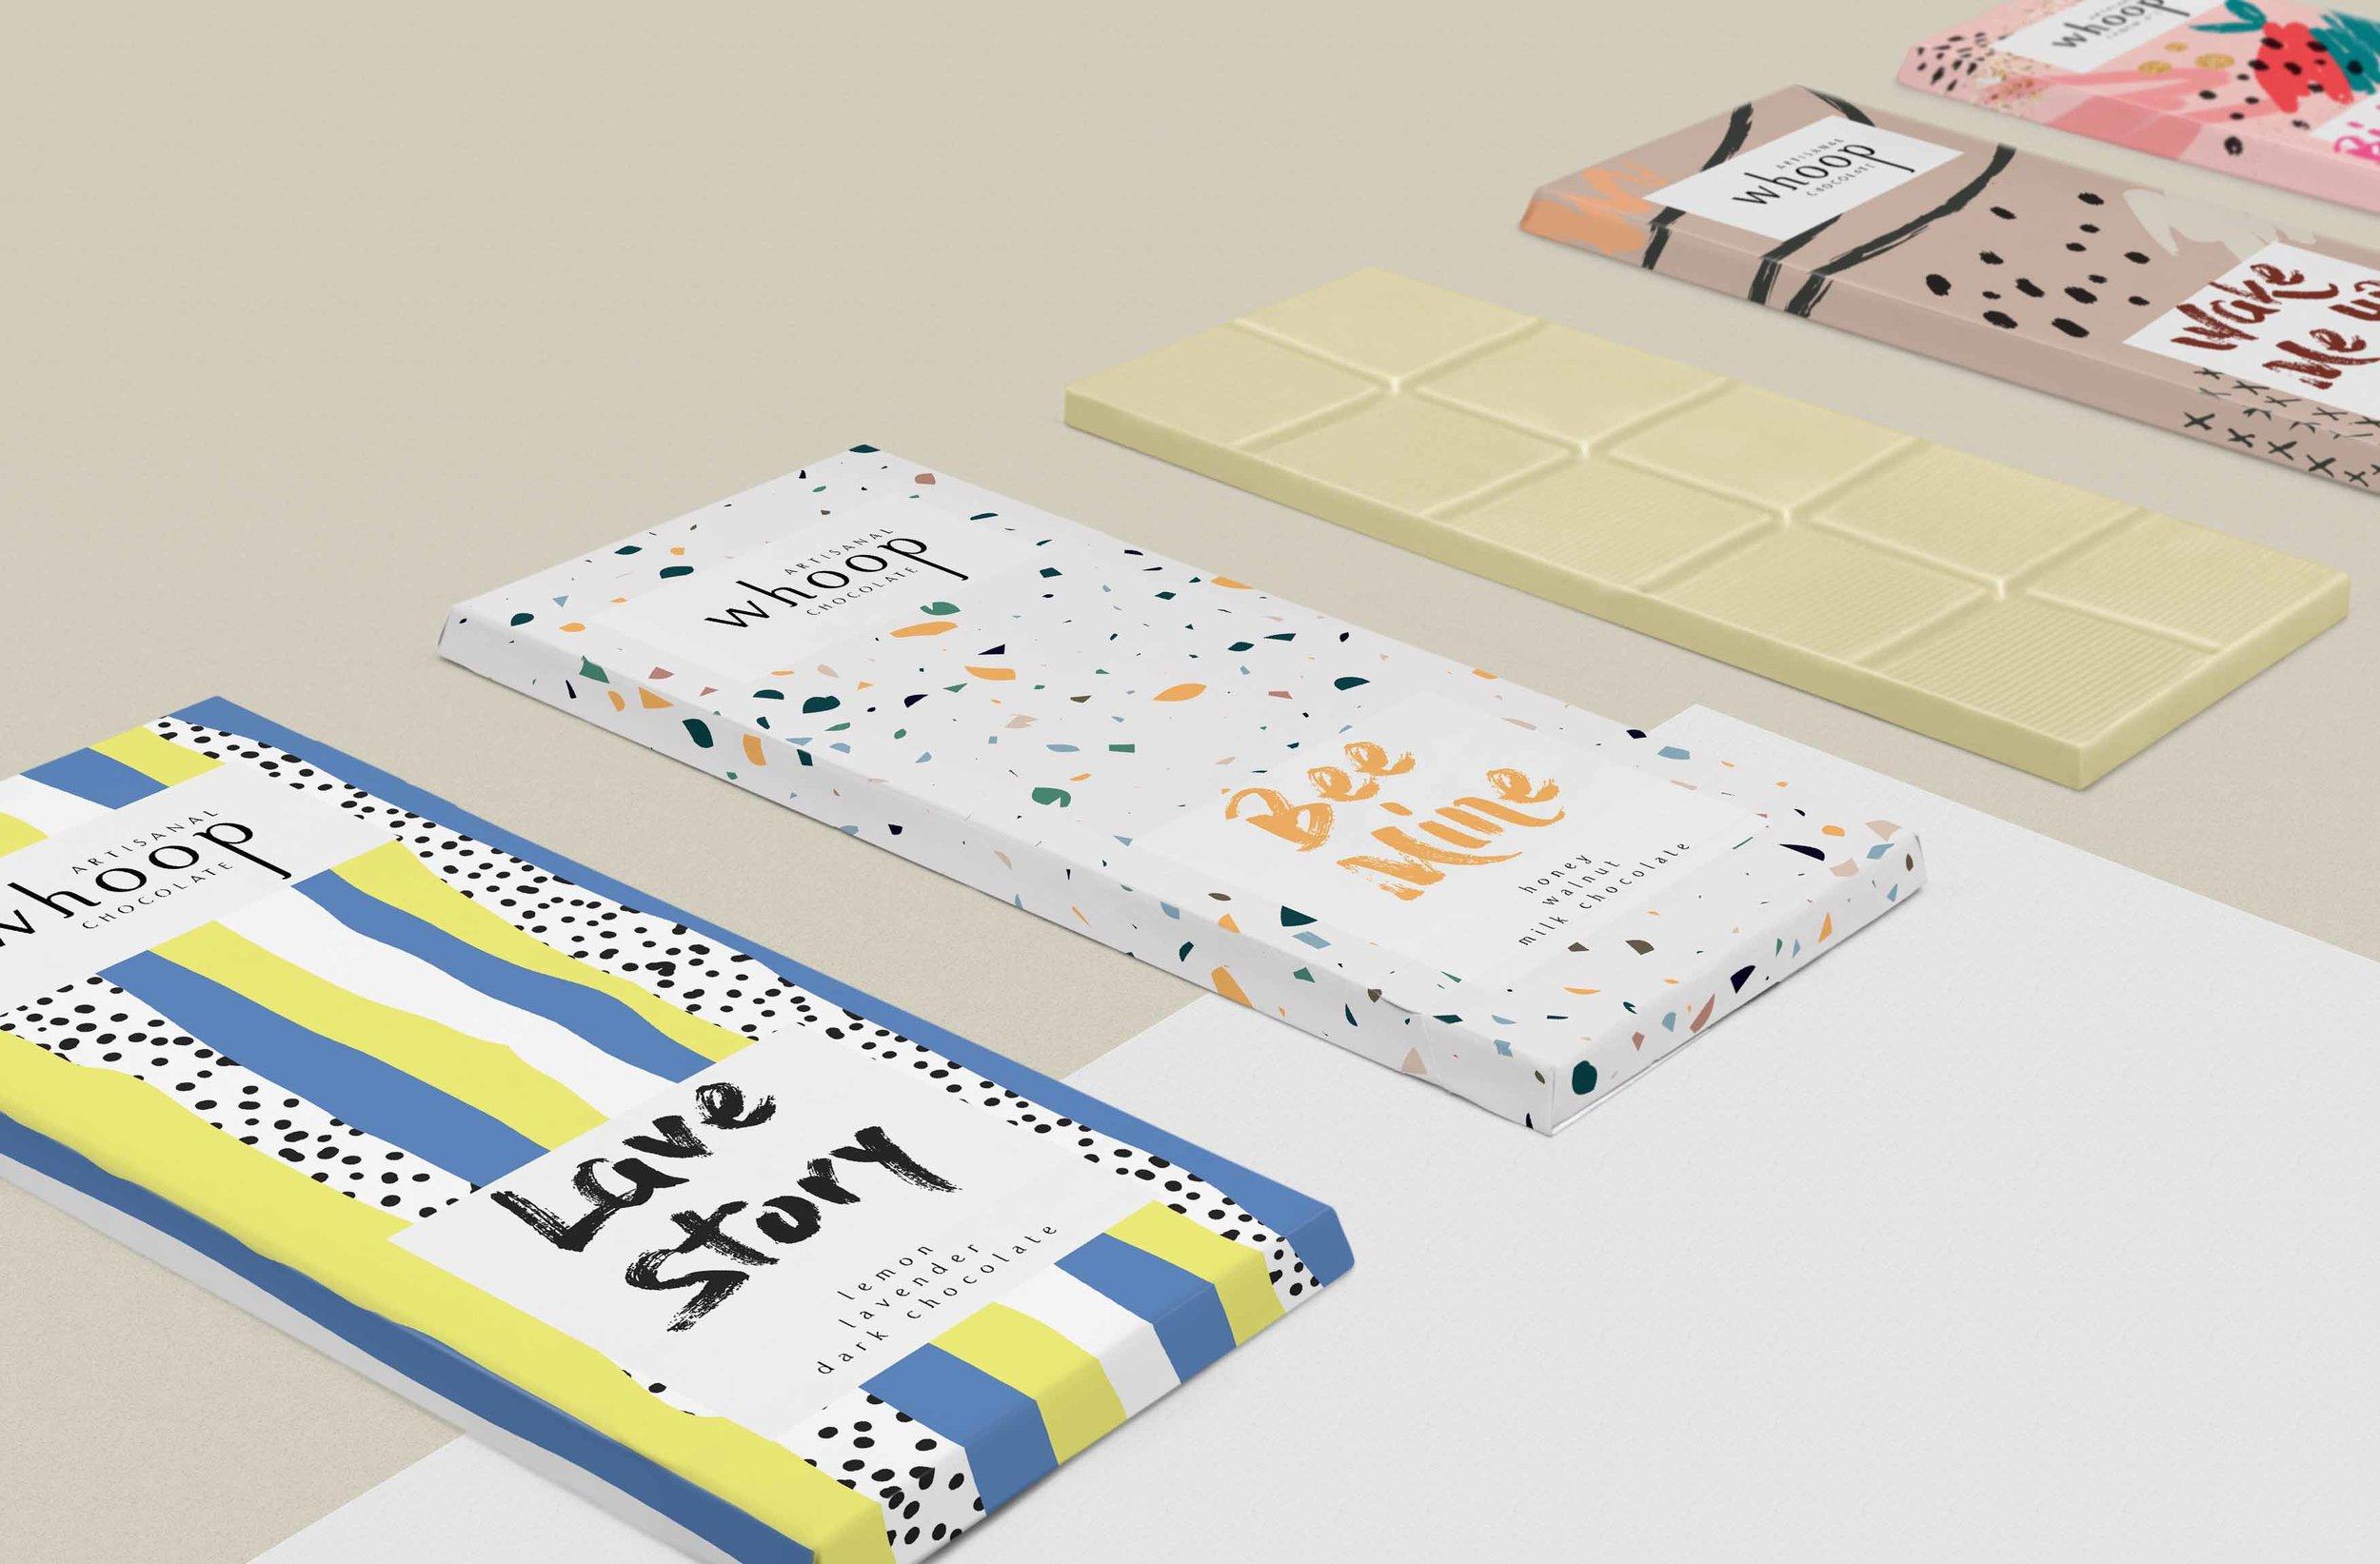 White Studio - Whoop Artisanal Chocolate12.jpg